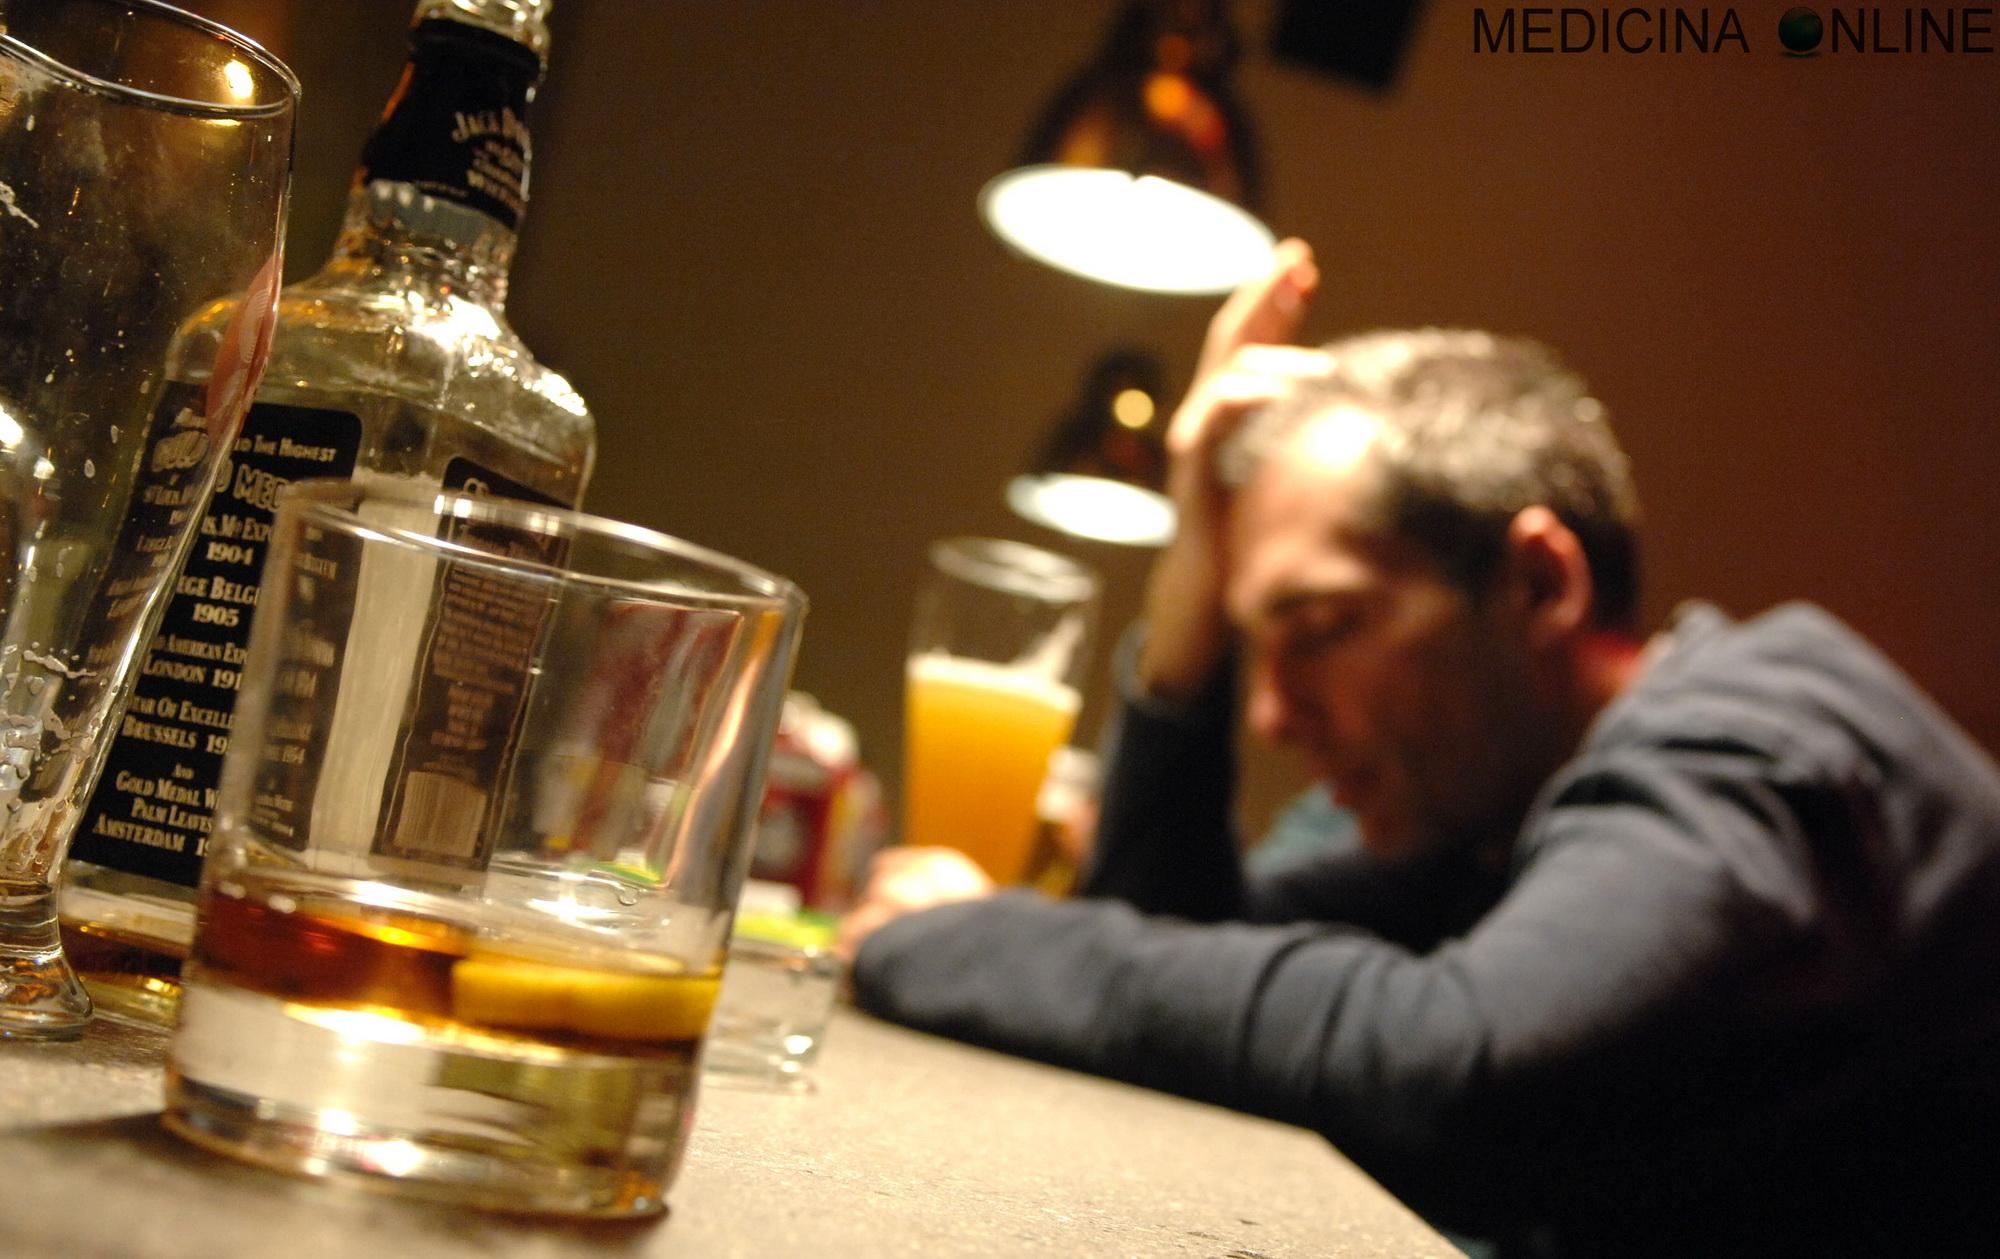 Zadornov quando fermato bevendo - Esser cifrato quanto per da alcool in Ucraina